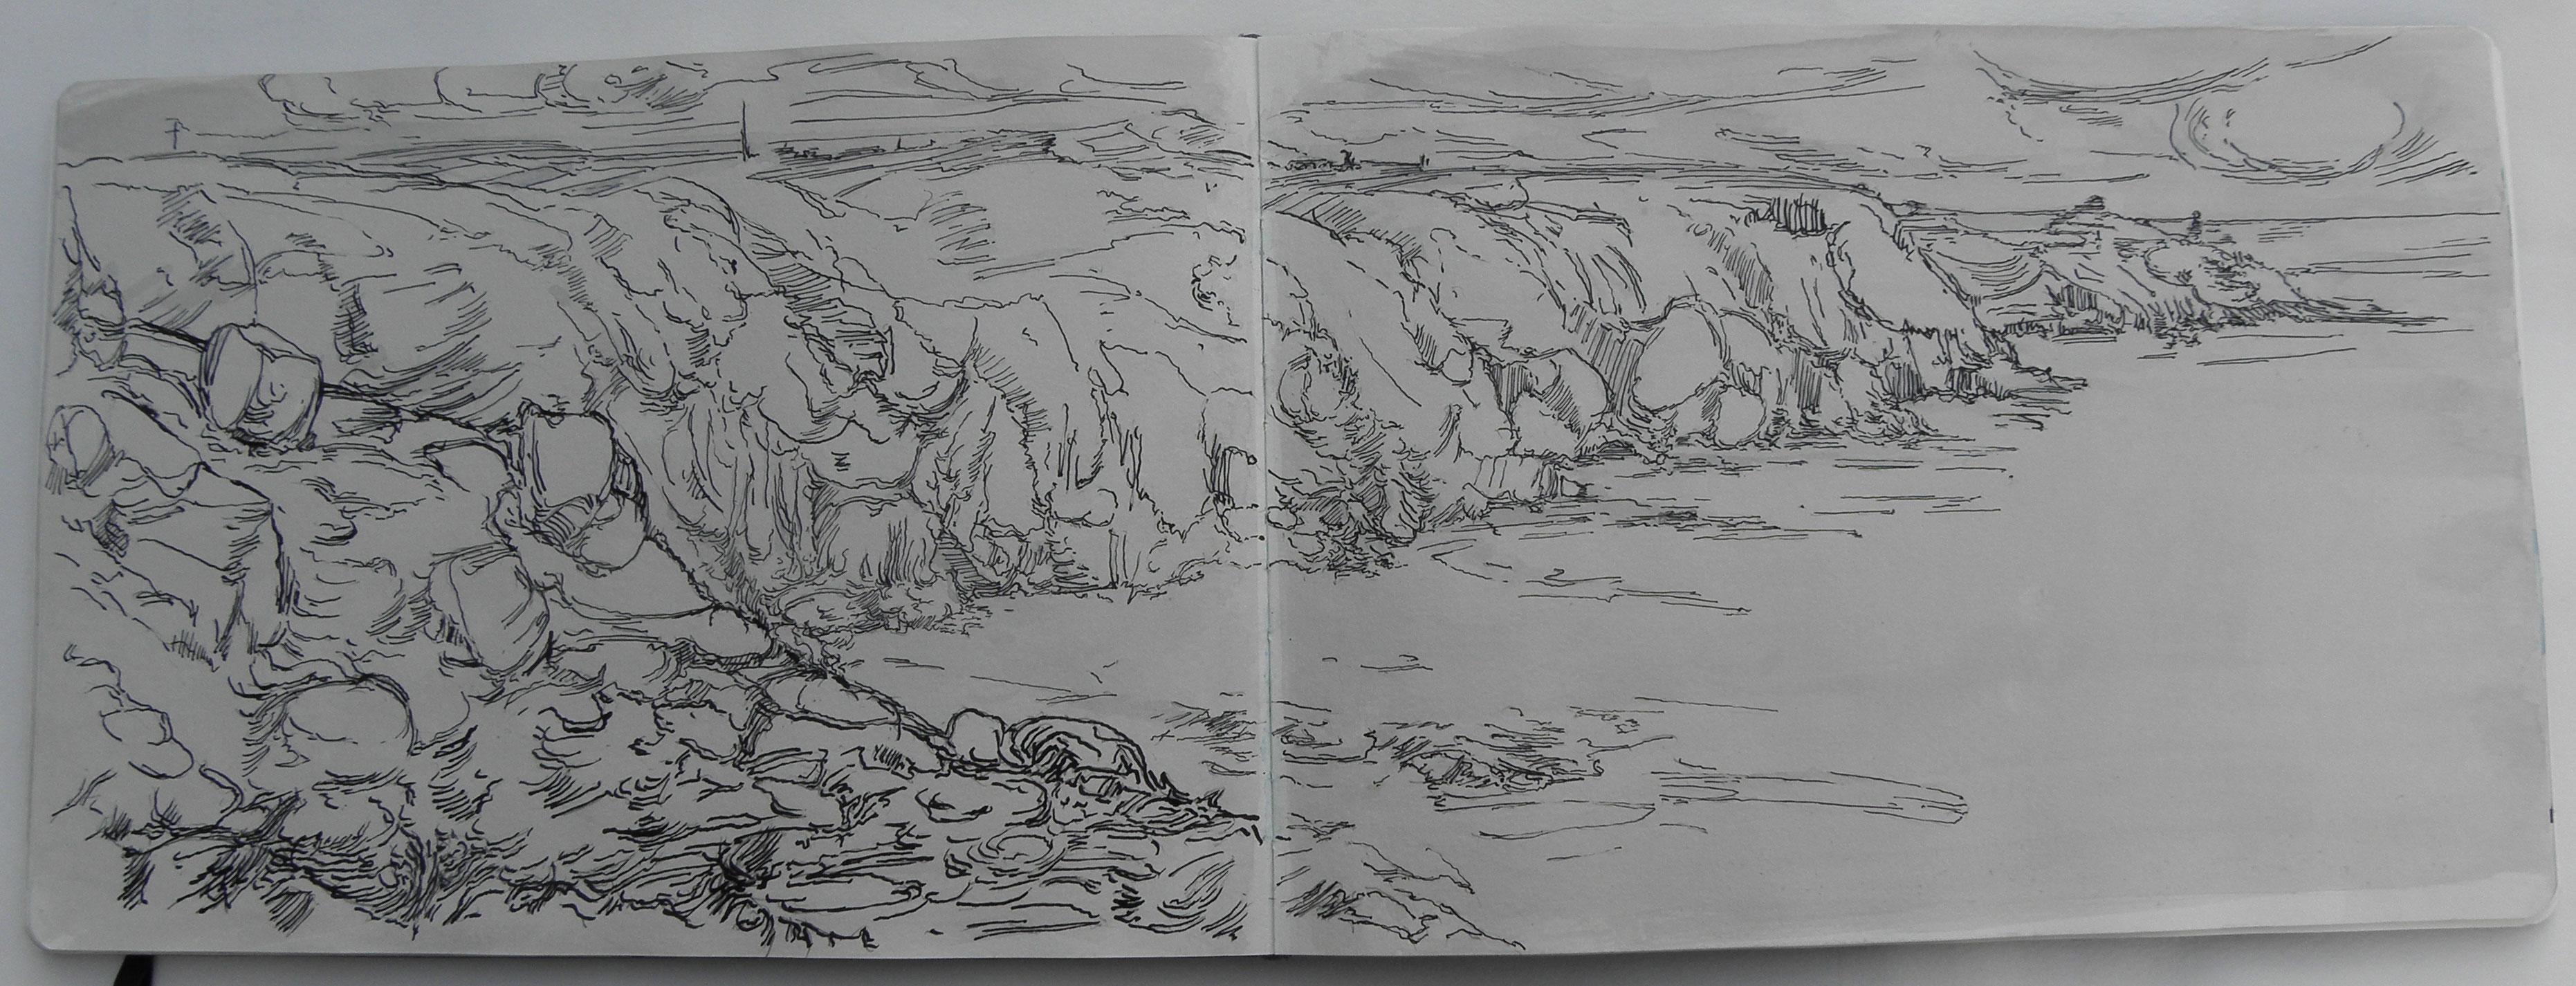 Drawings Landscapes Cornwall 2011 Whitemarkarts